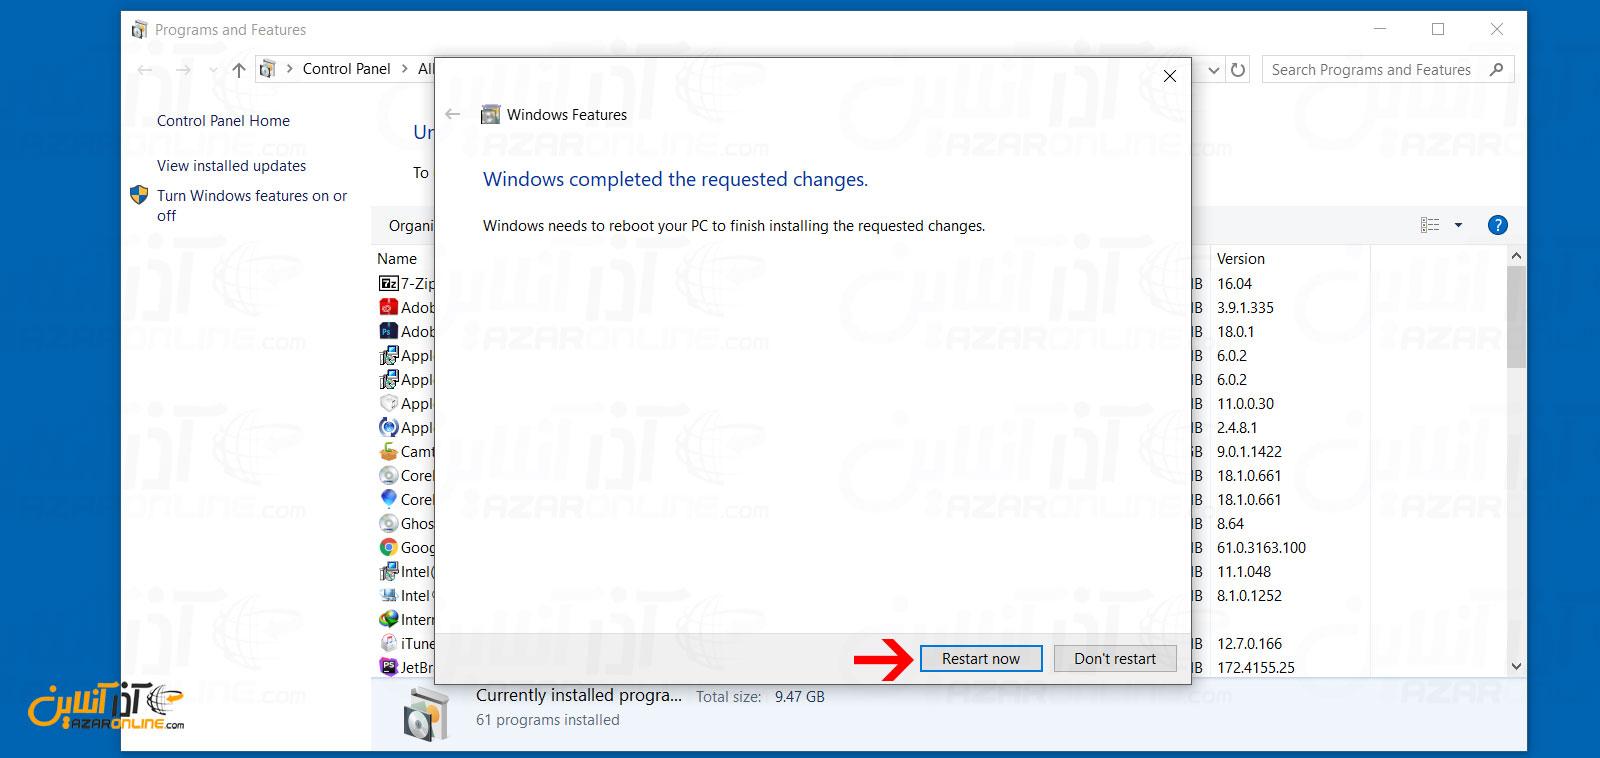 ریستارت سیستم پس از نصب Windows Subsystem for Linux